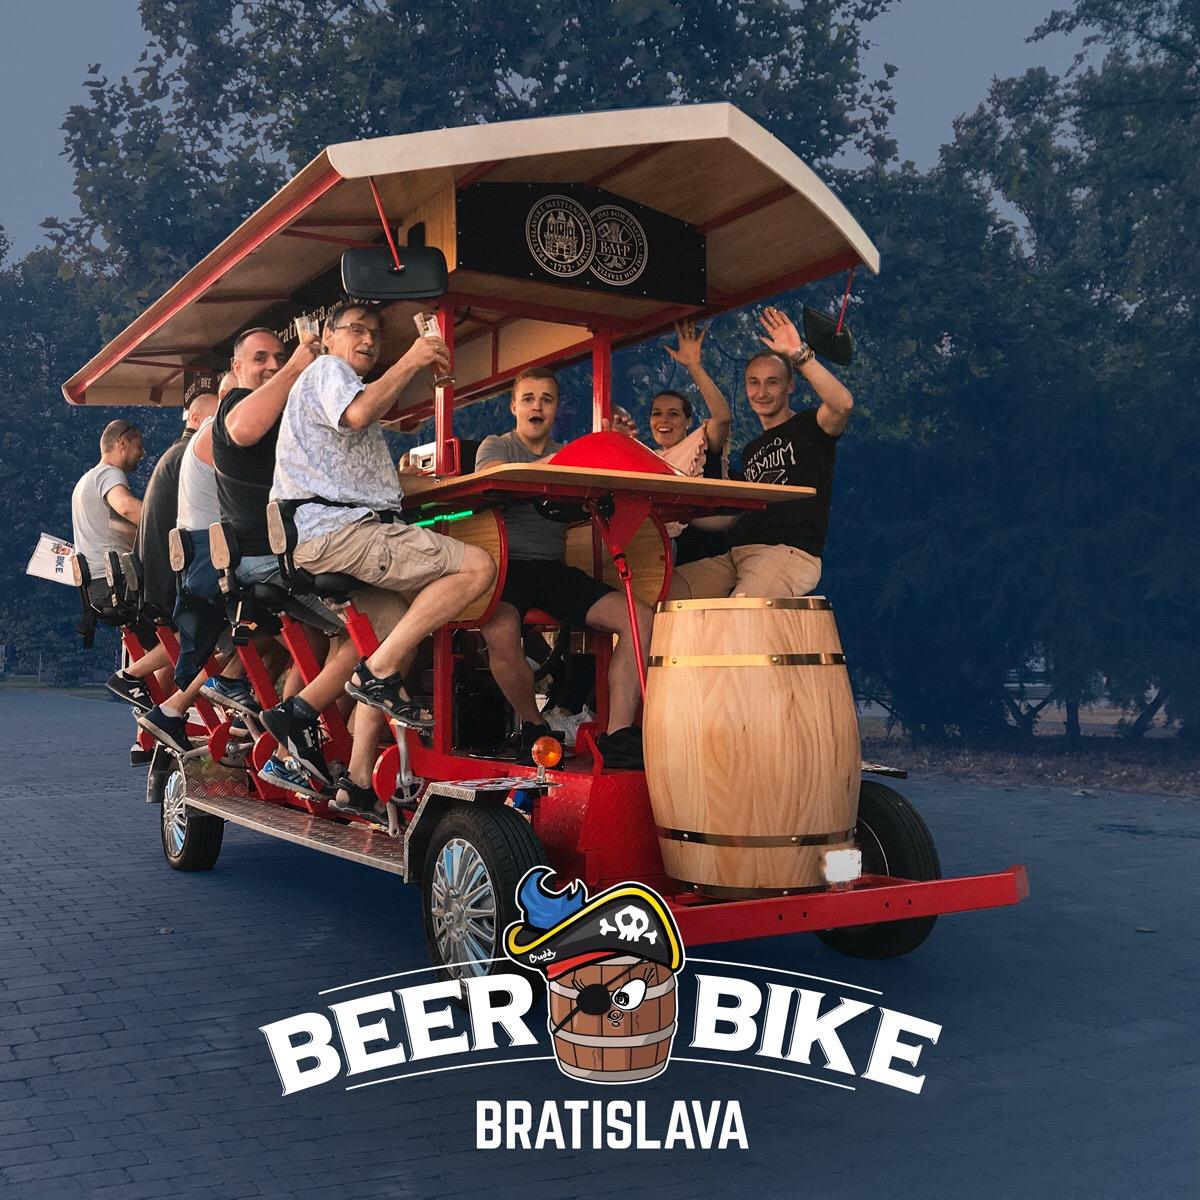 Baran/Beer Bike Bratislava